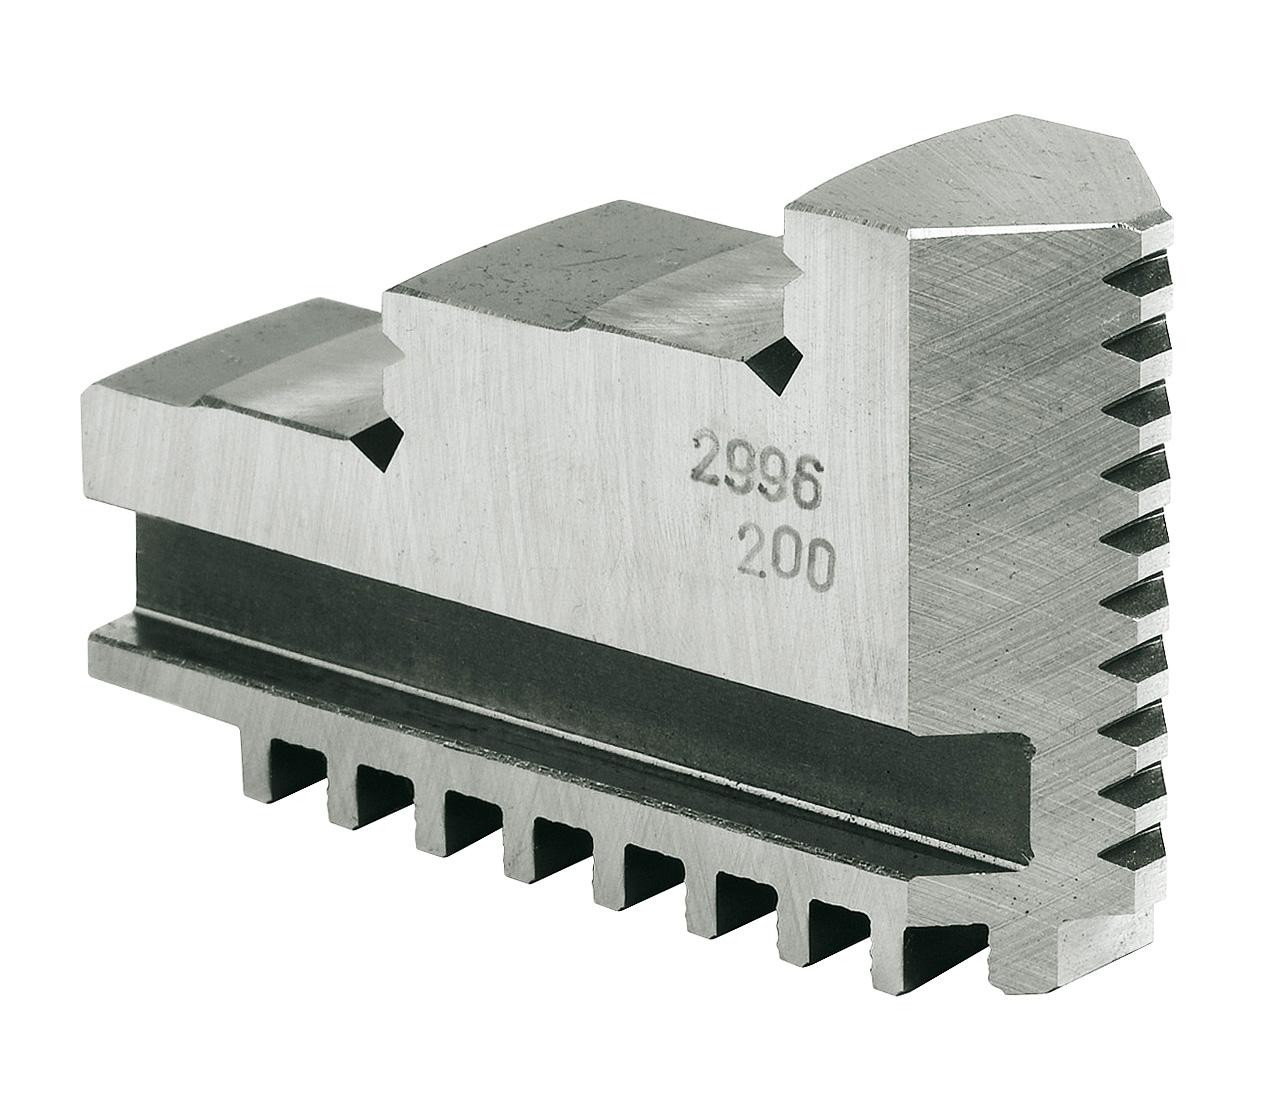 Szczęki jednolite twarde zewnętrzne - komplet OJ-PS4-630 BERNARDO